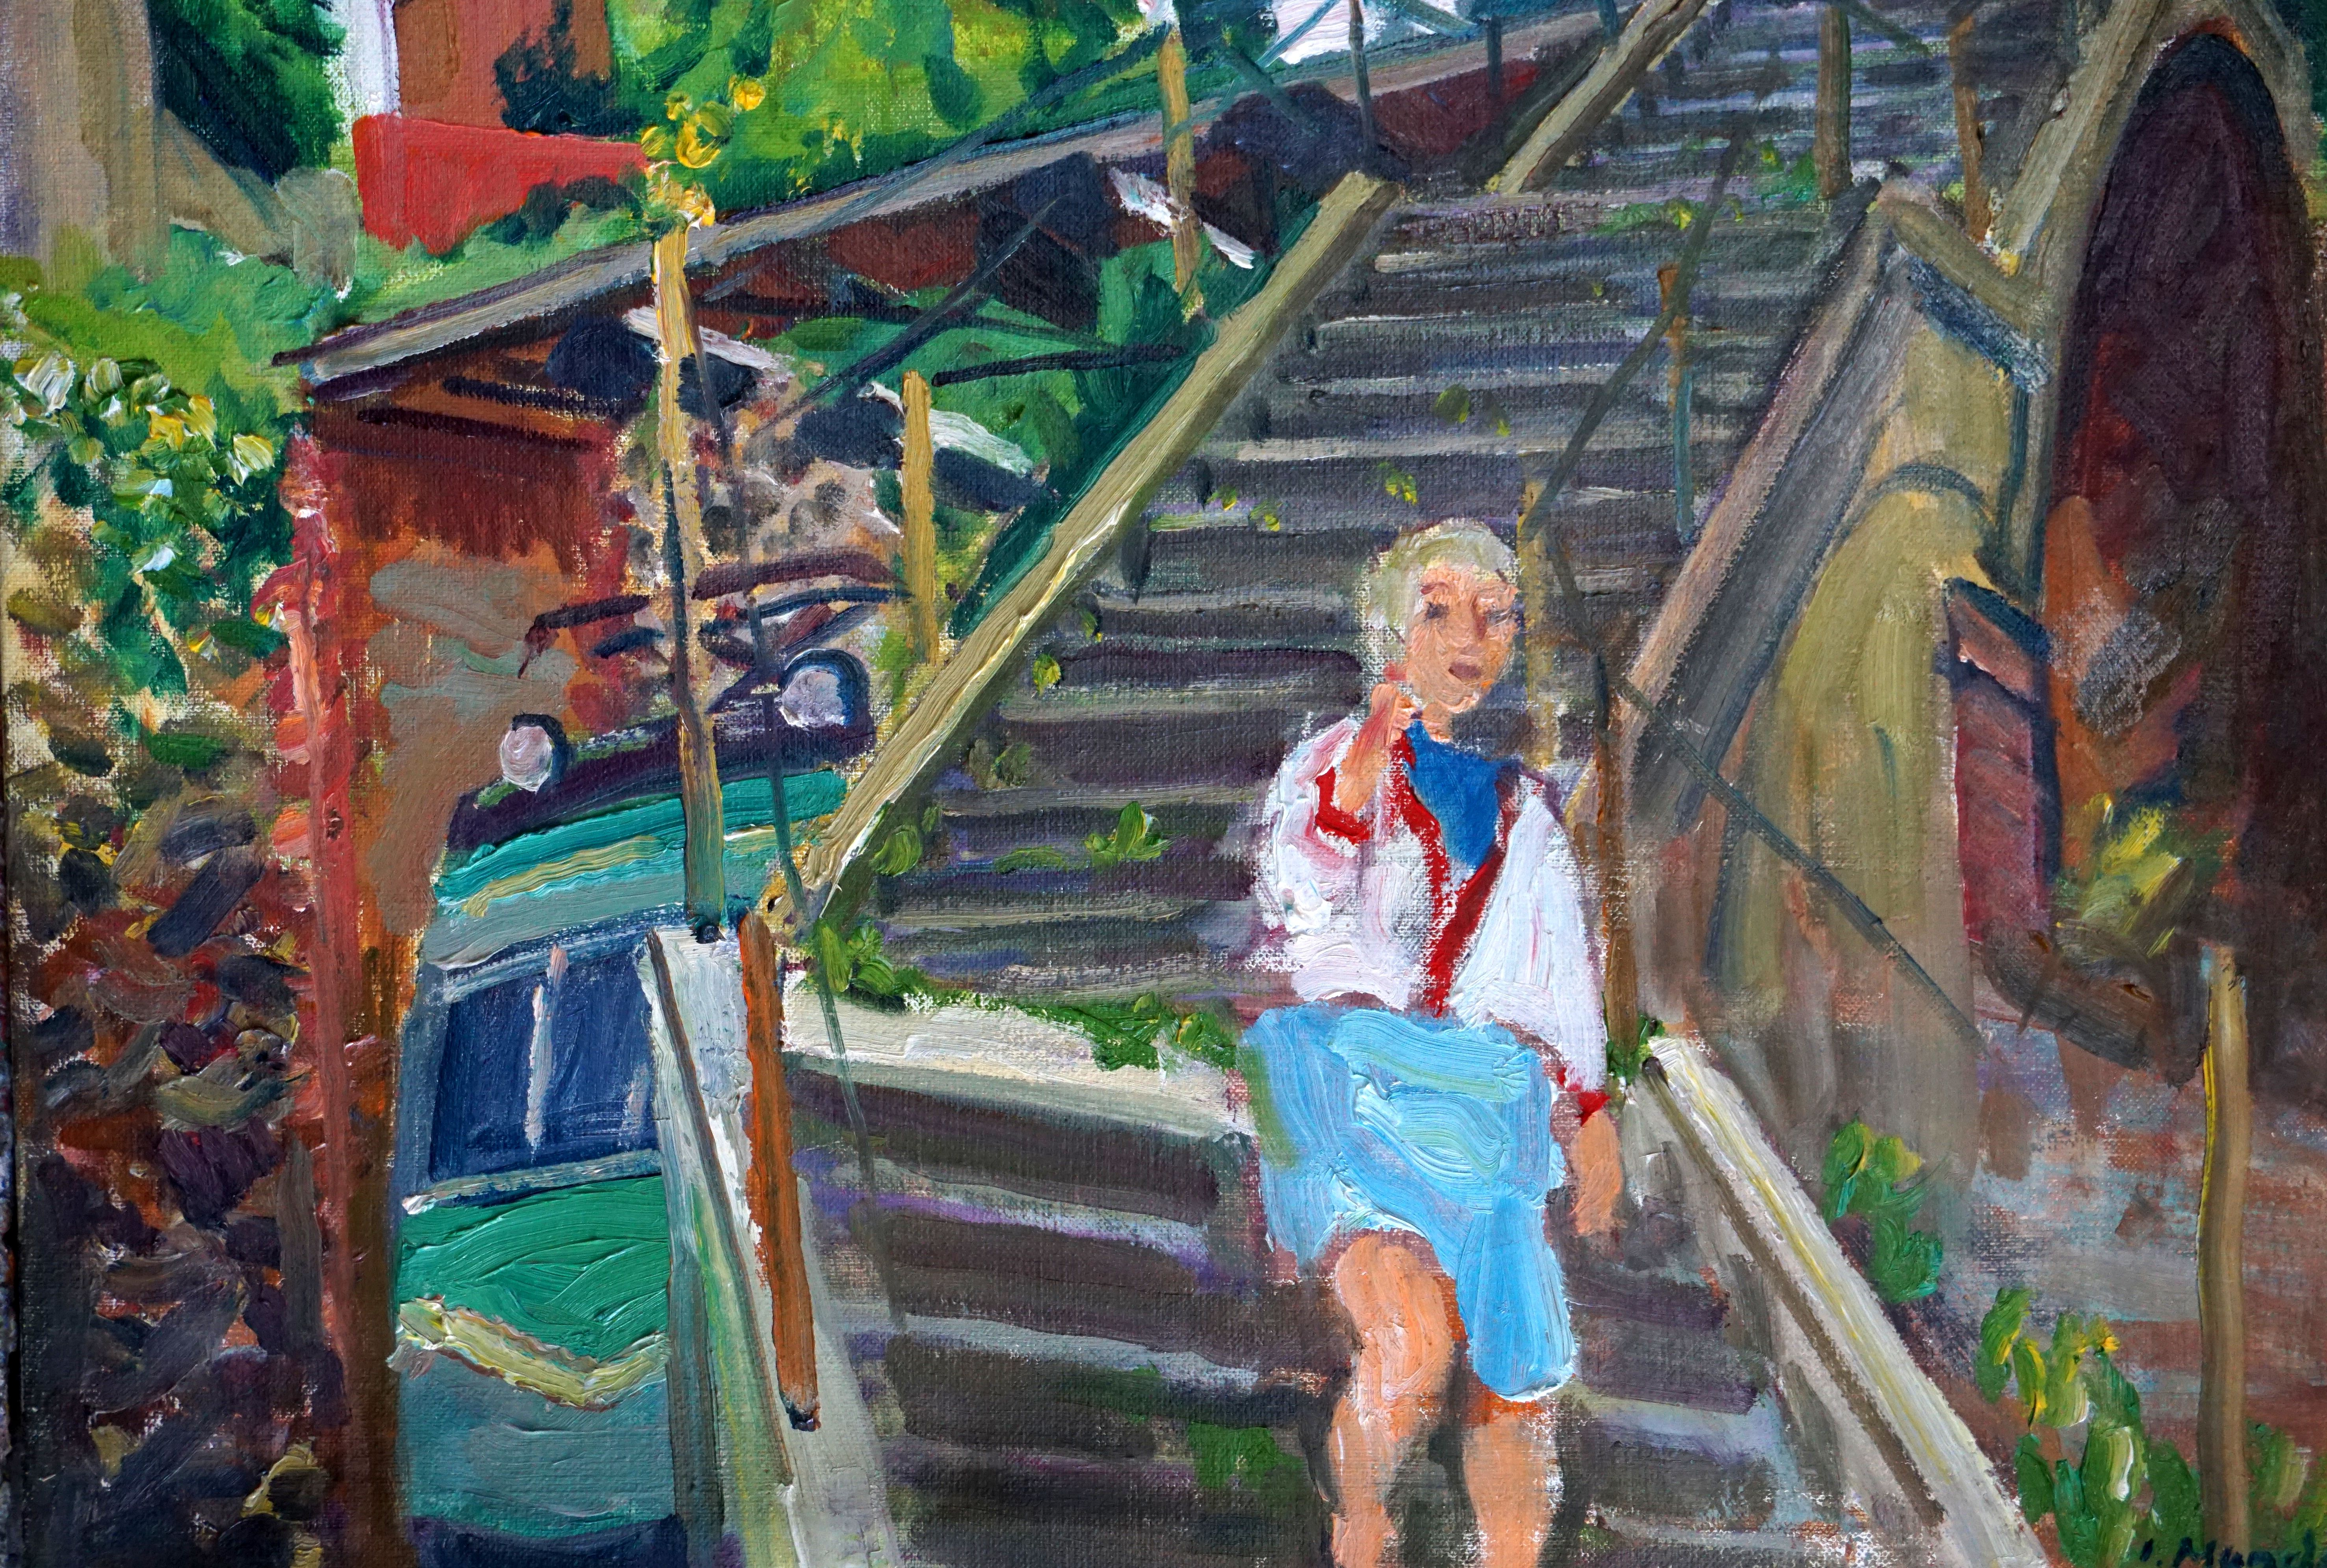 Escales ferrocarril